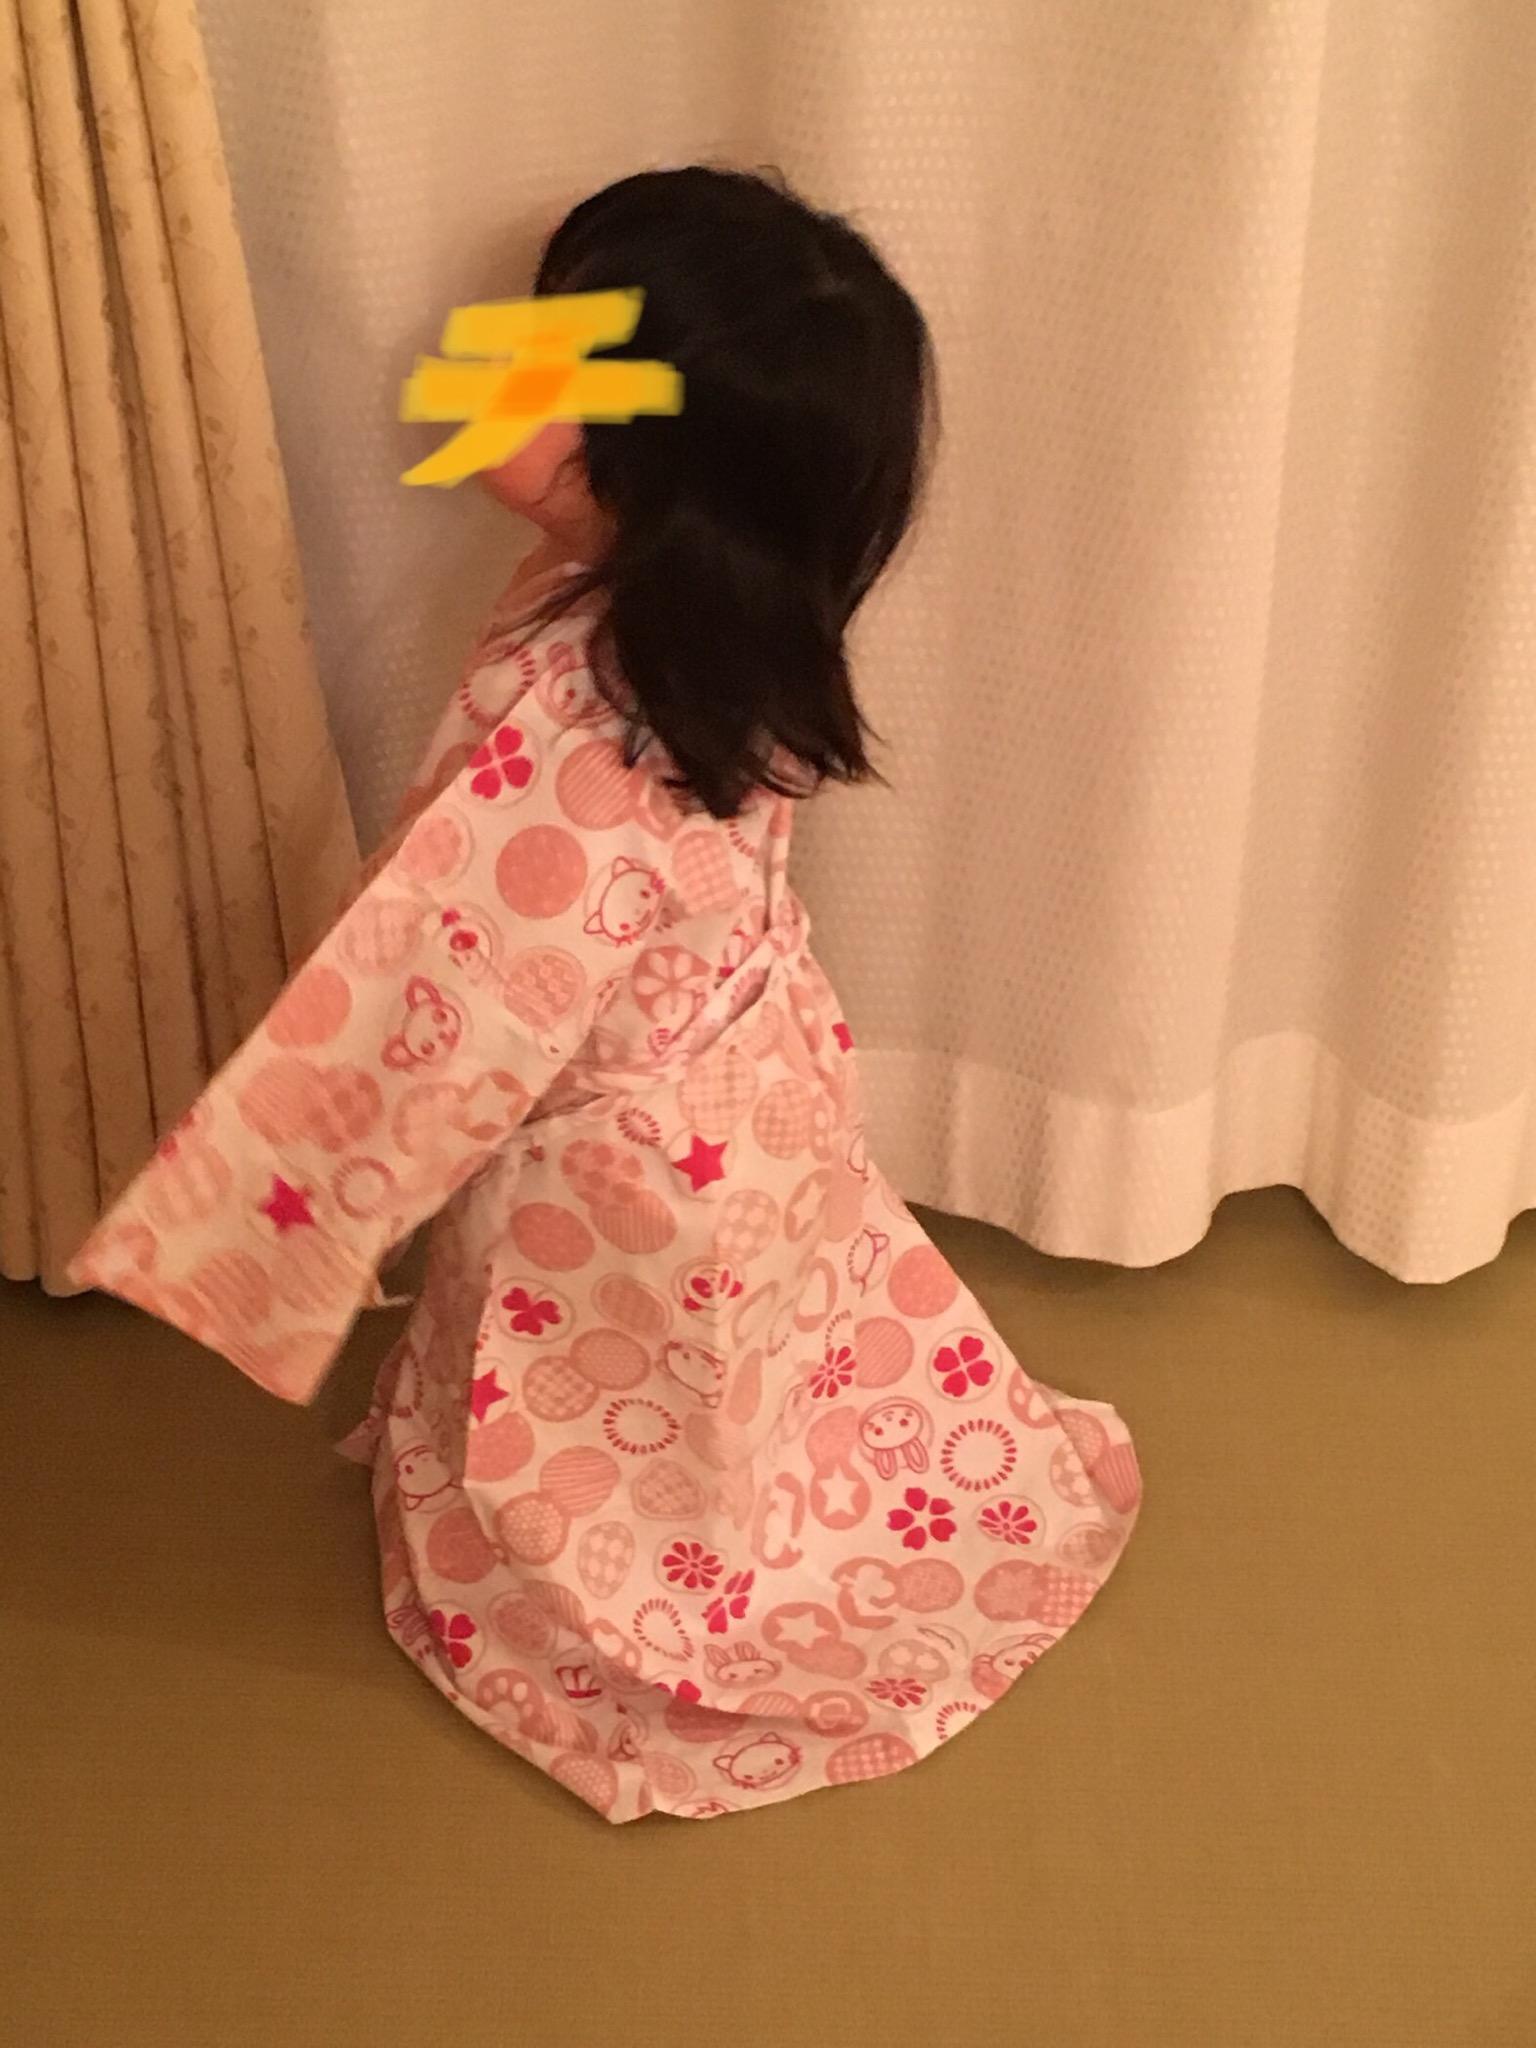 ホテルでレンタルした浴衣